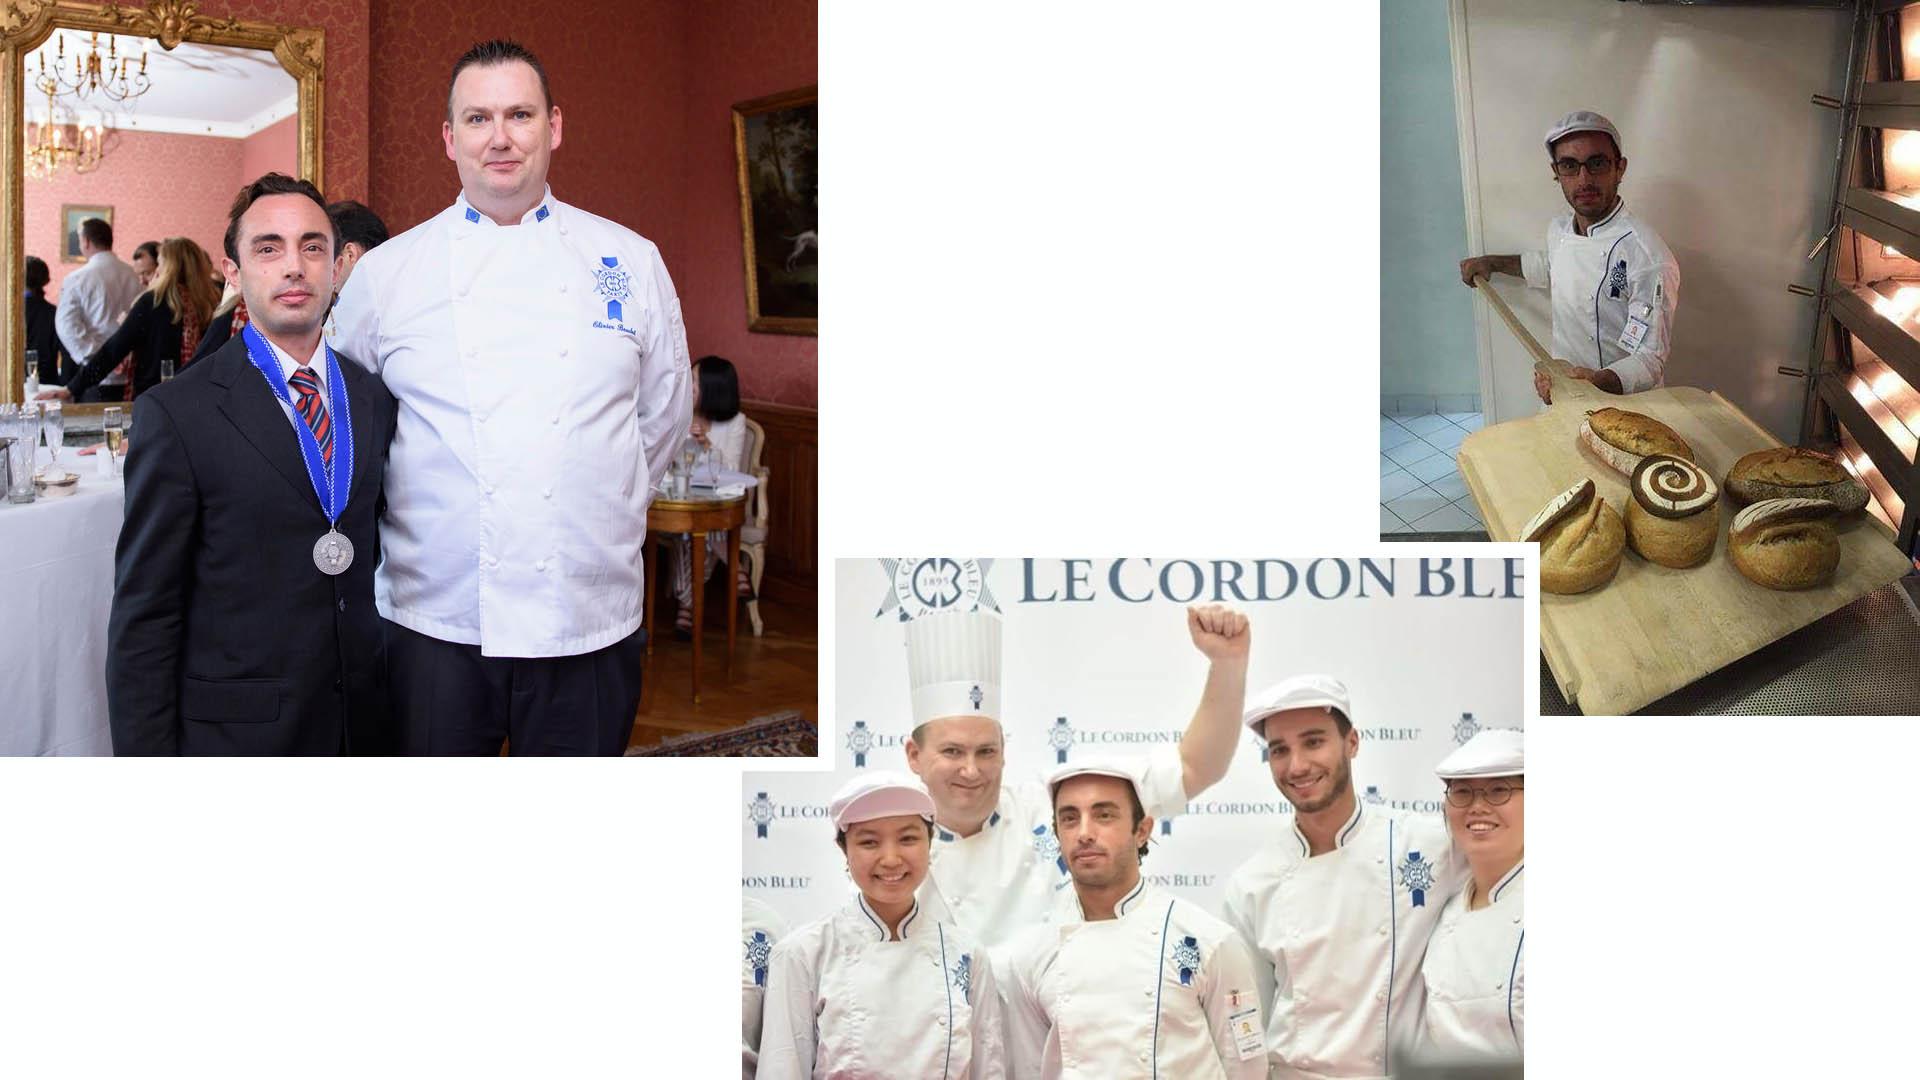 Francesco Giraldi Diplome de Boulangerie 2016